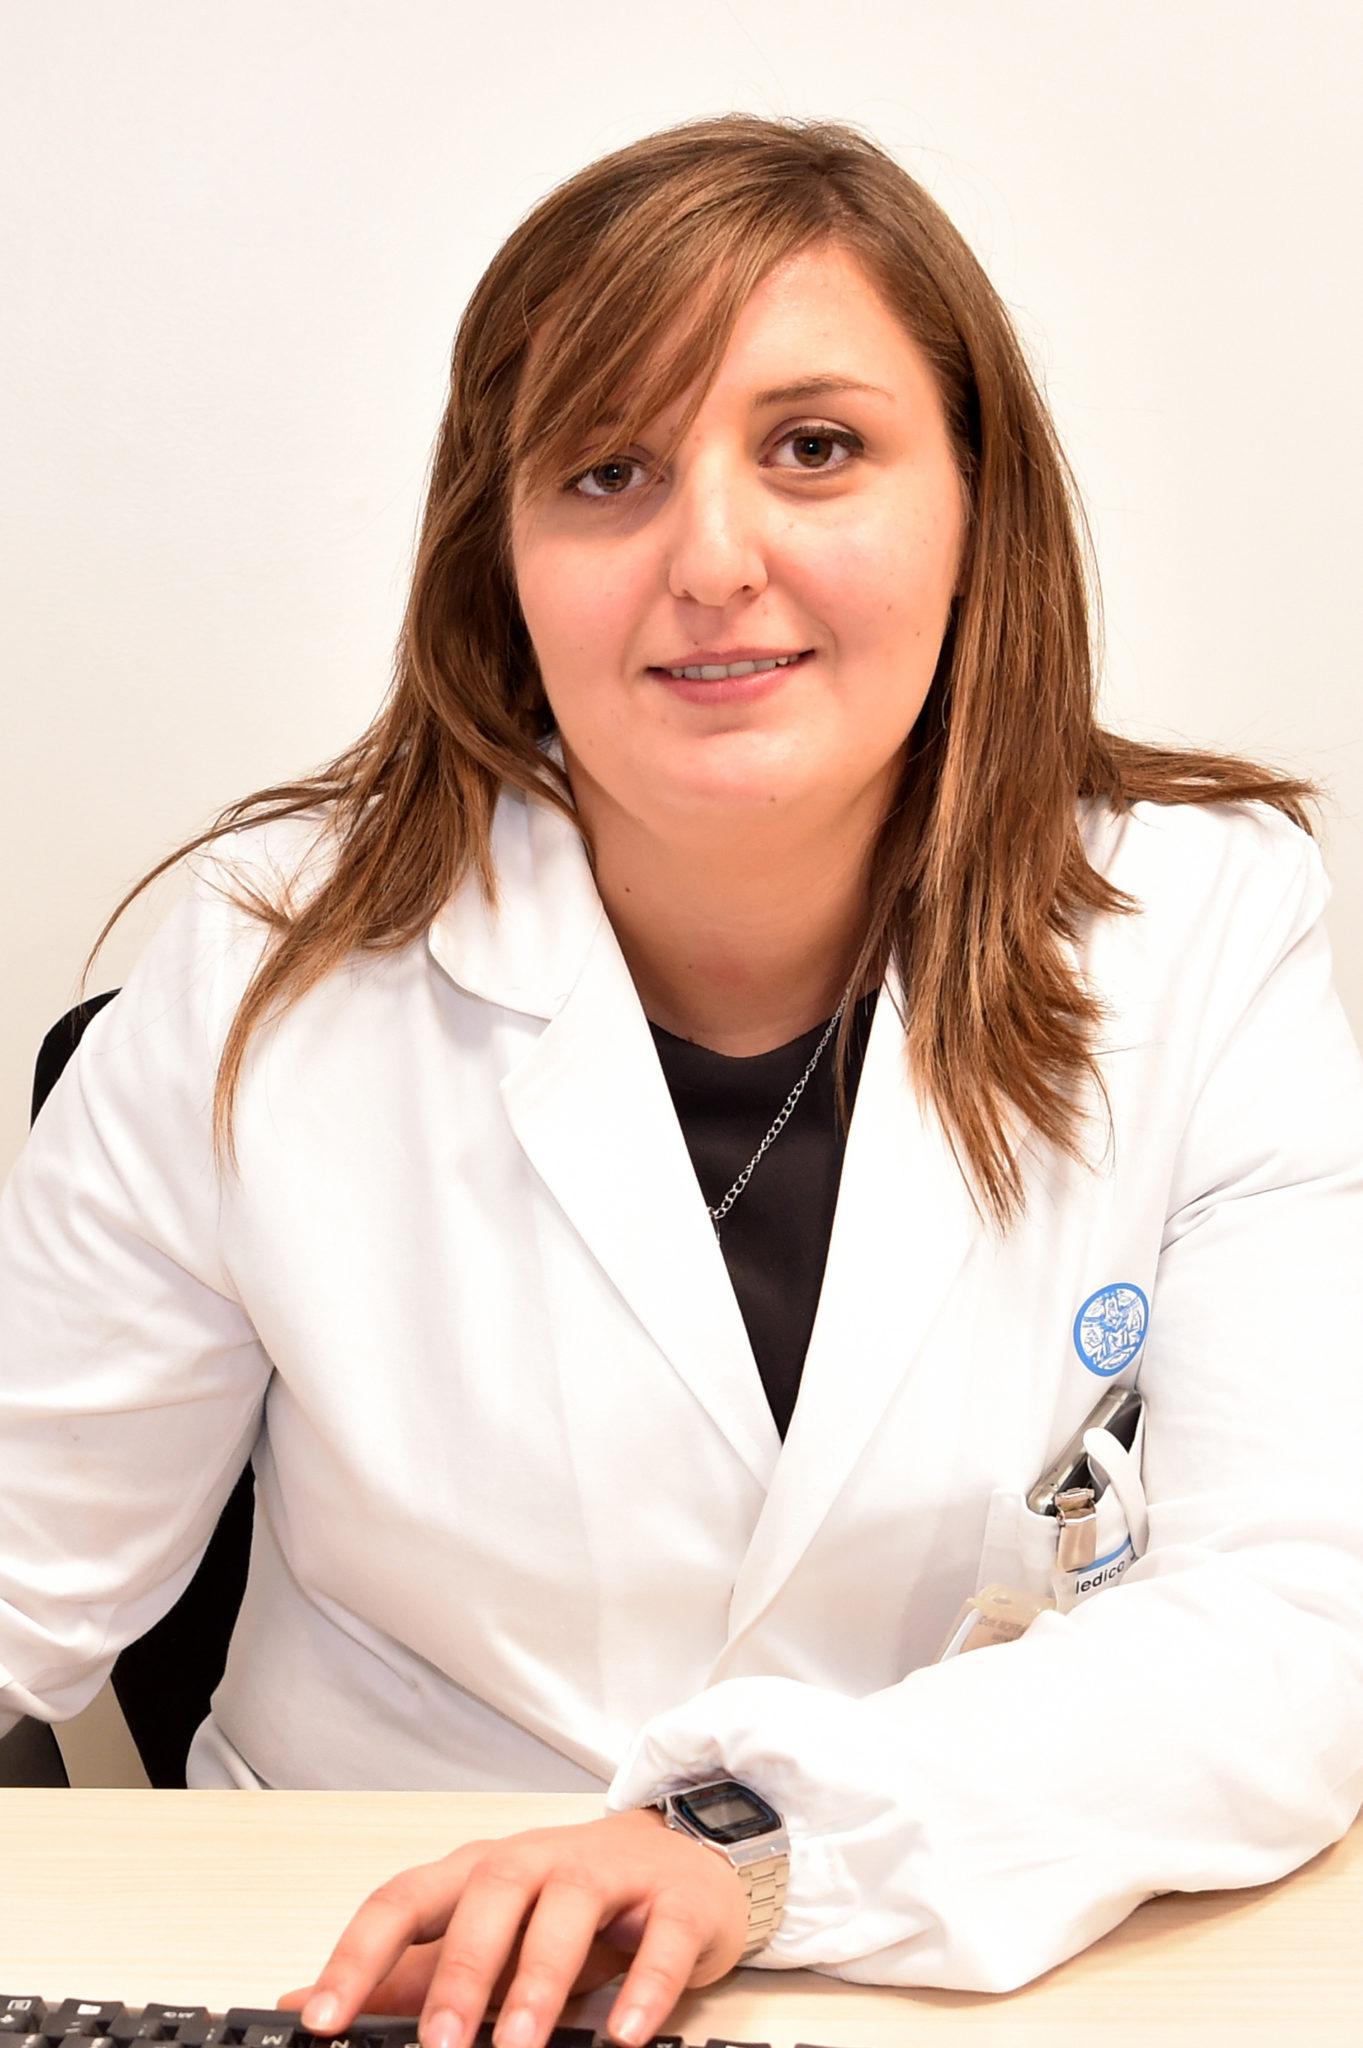 Simona Moffa